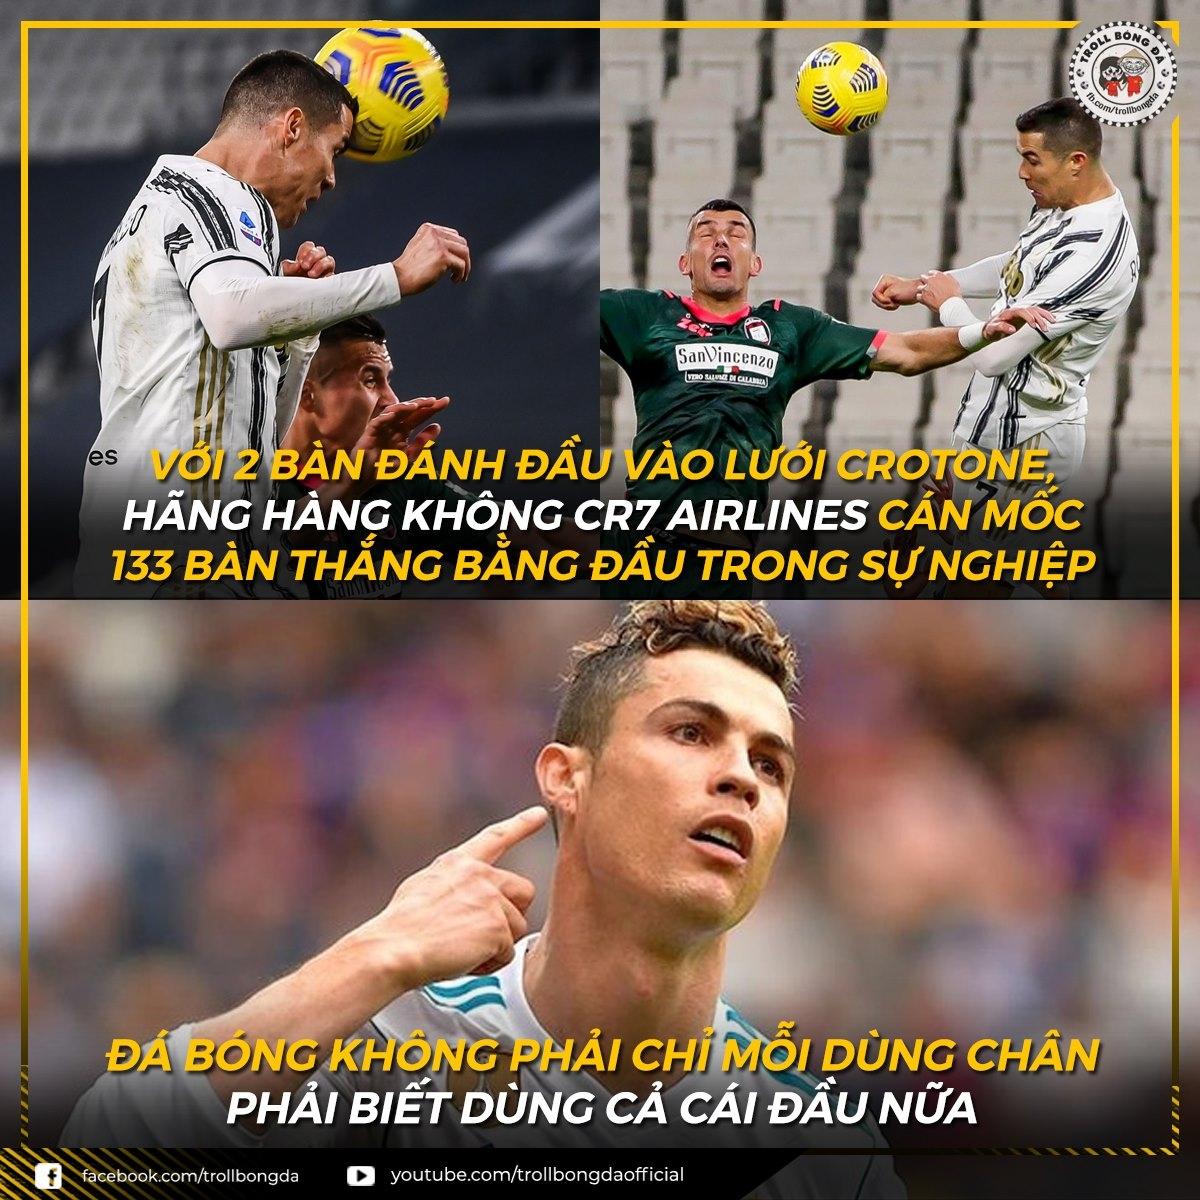 """Ronaldo khiến tất cả """"ngả mũ"""" với kỷ lục ghi bàn bằng đầu. (Ảnh: Troll bóng đá)."""